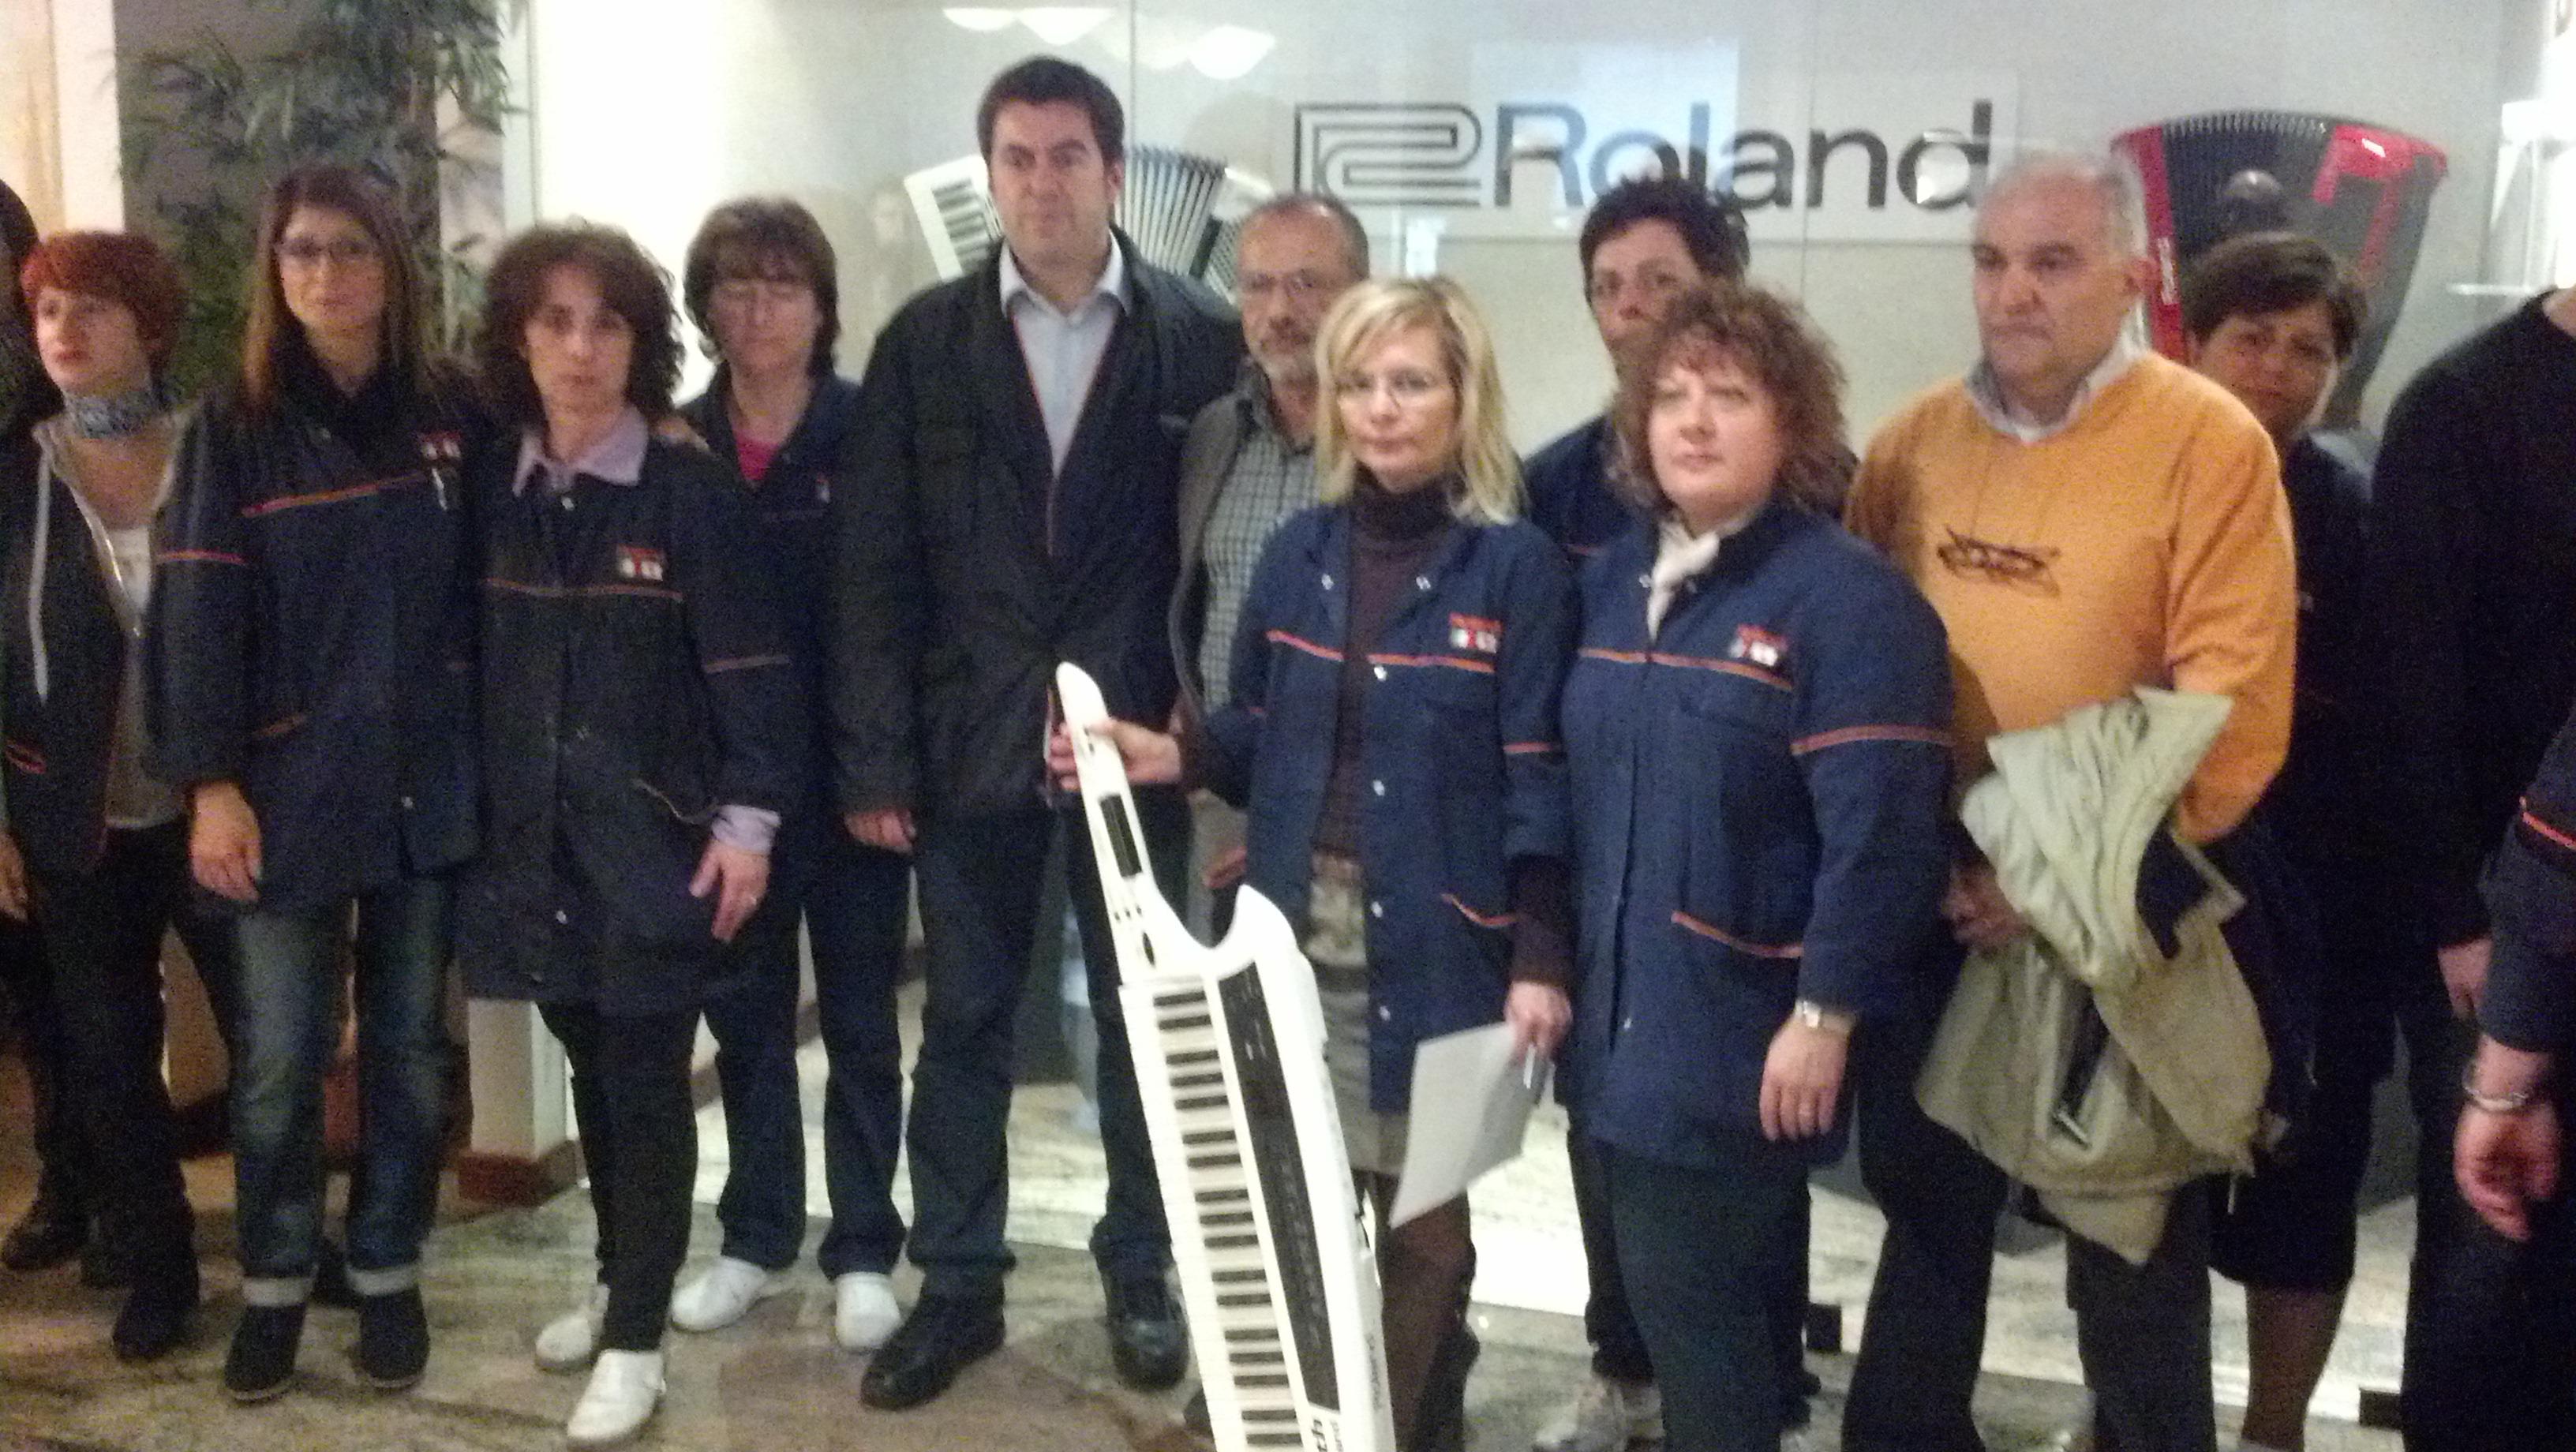 I dipendenti della Roland